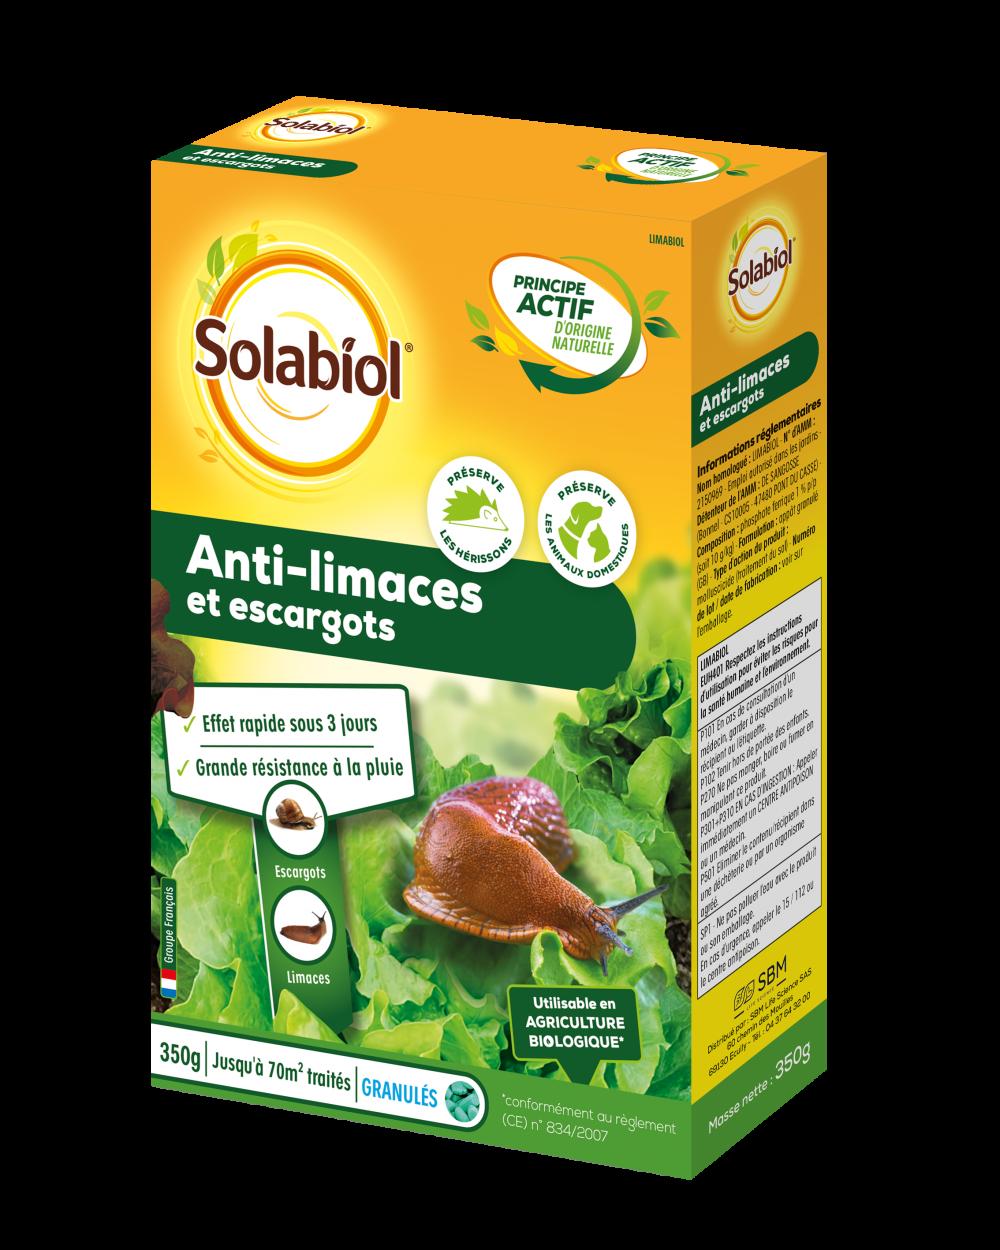 Granulés antilimaces SOLABIOL, 350g